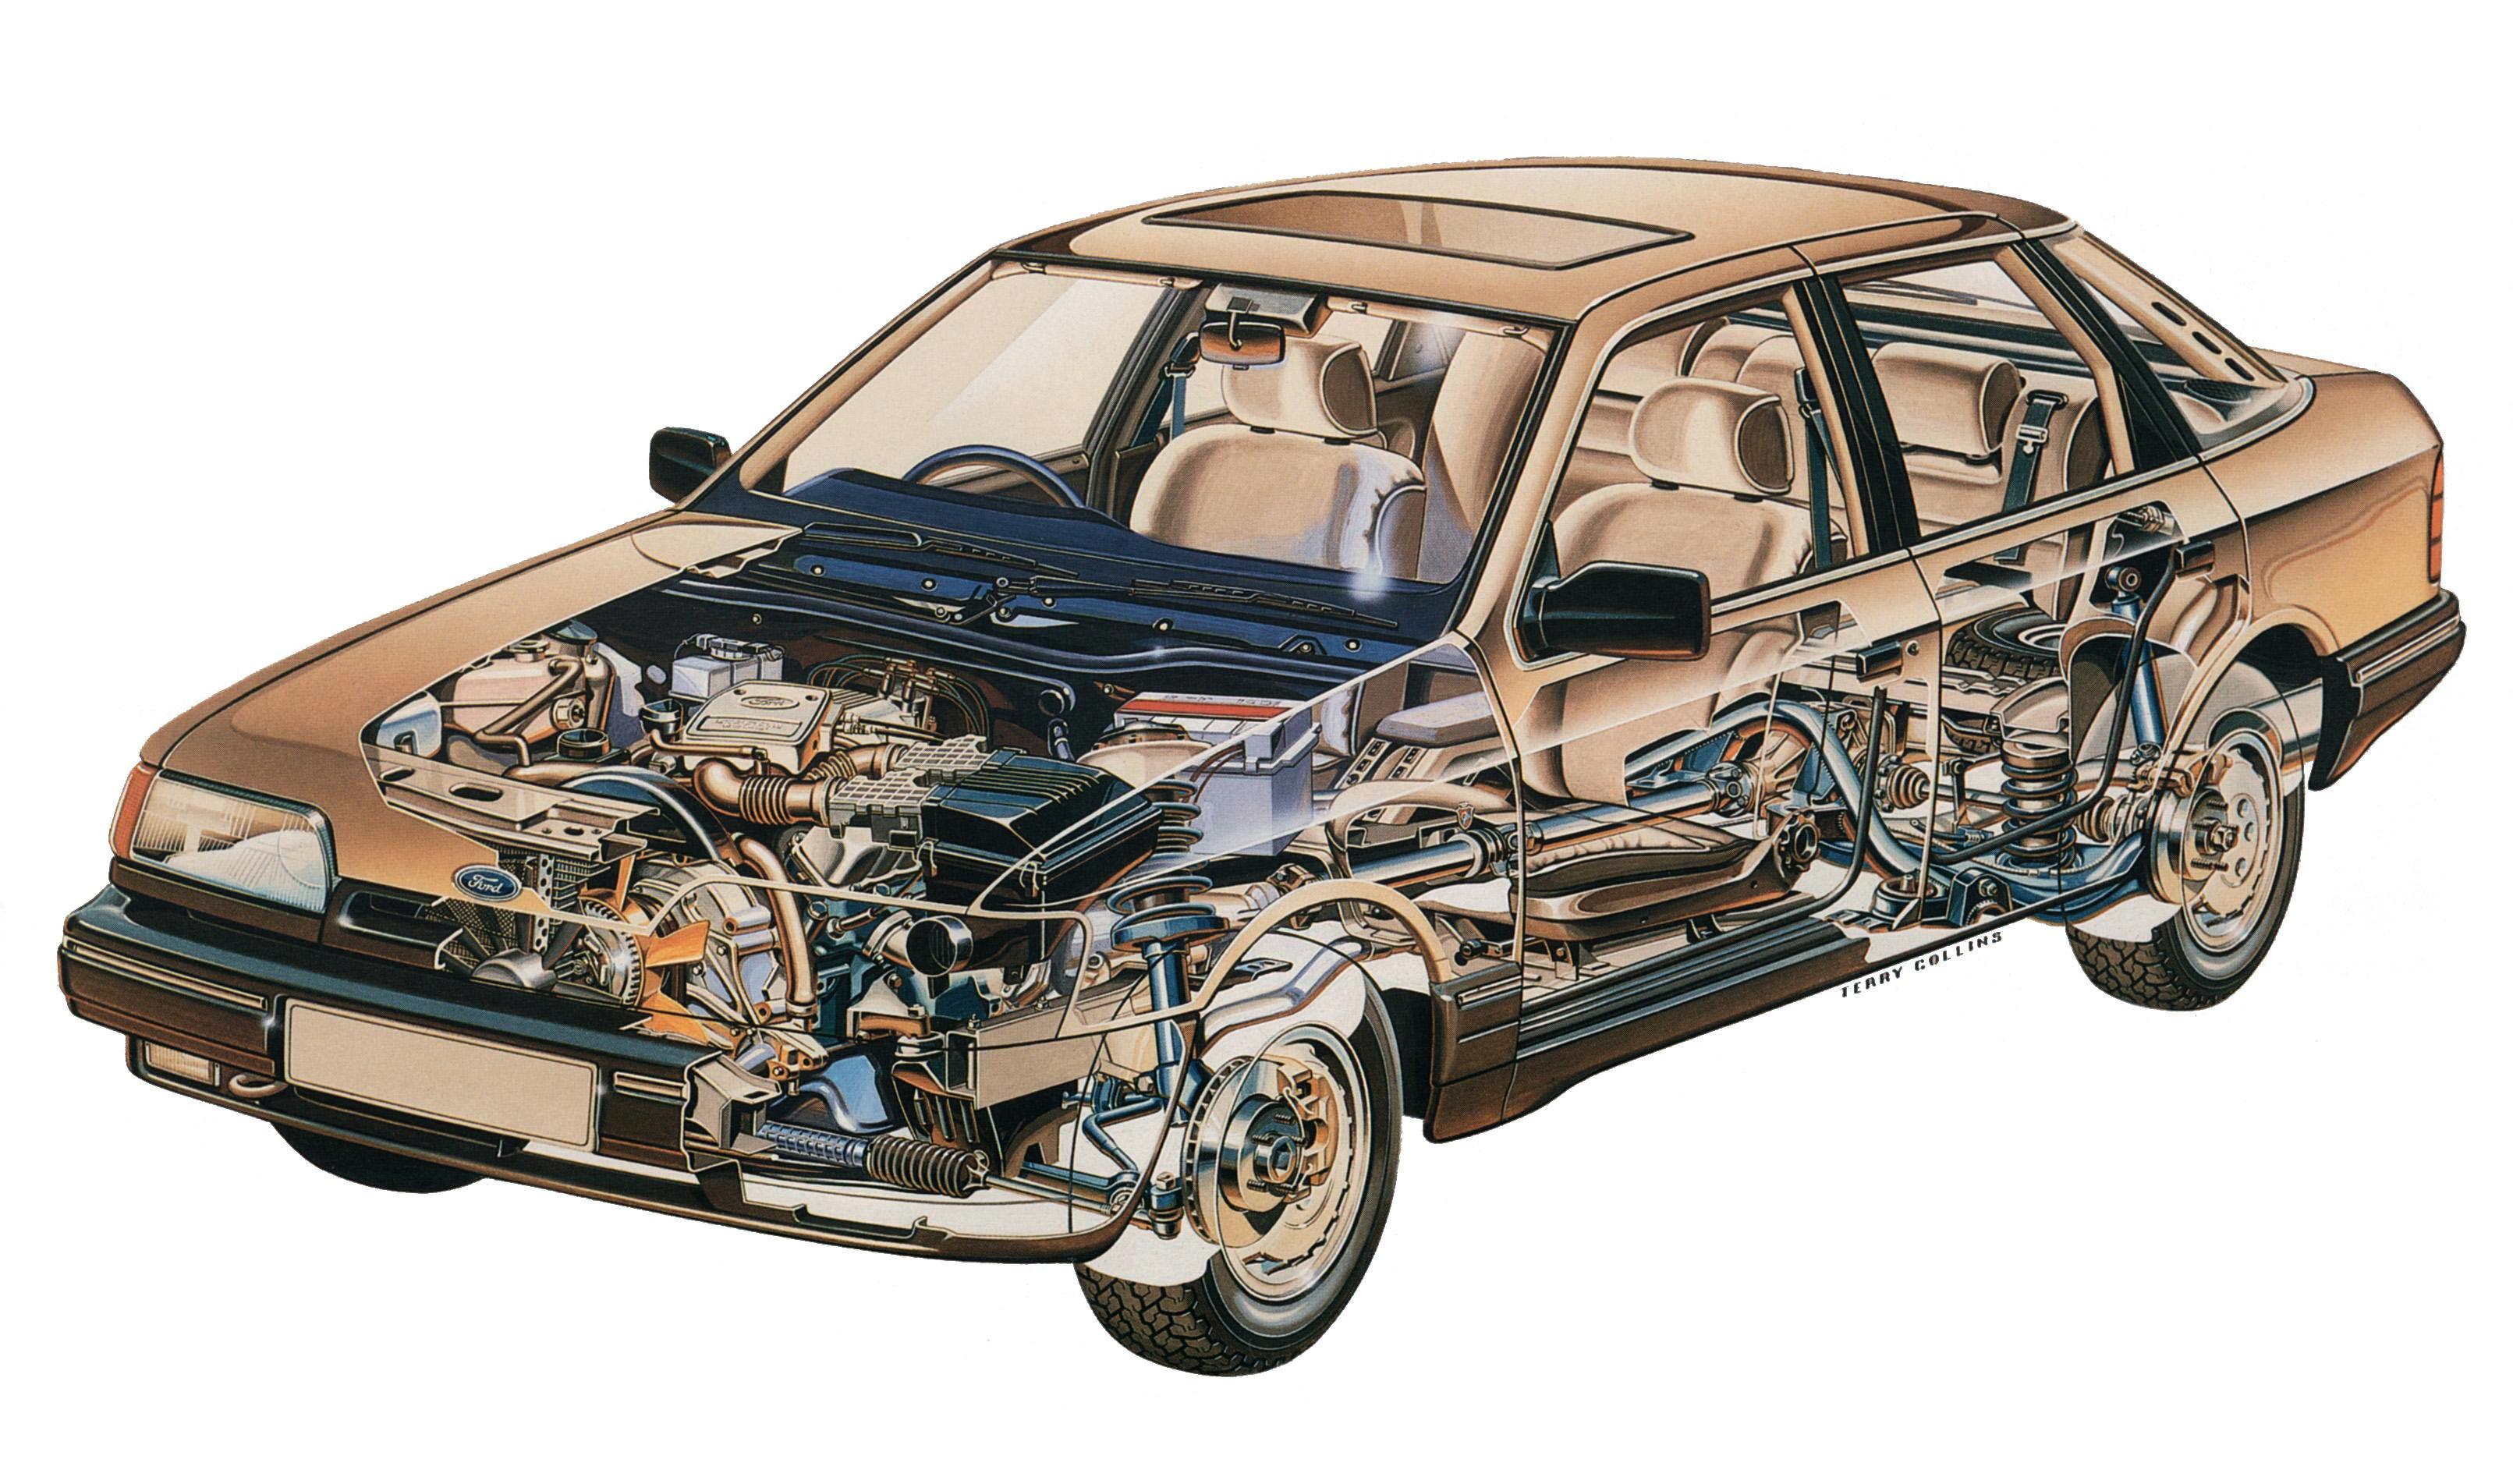 Ford Granada Hatchback cutaway drawing